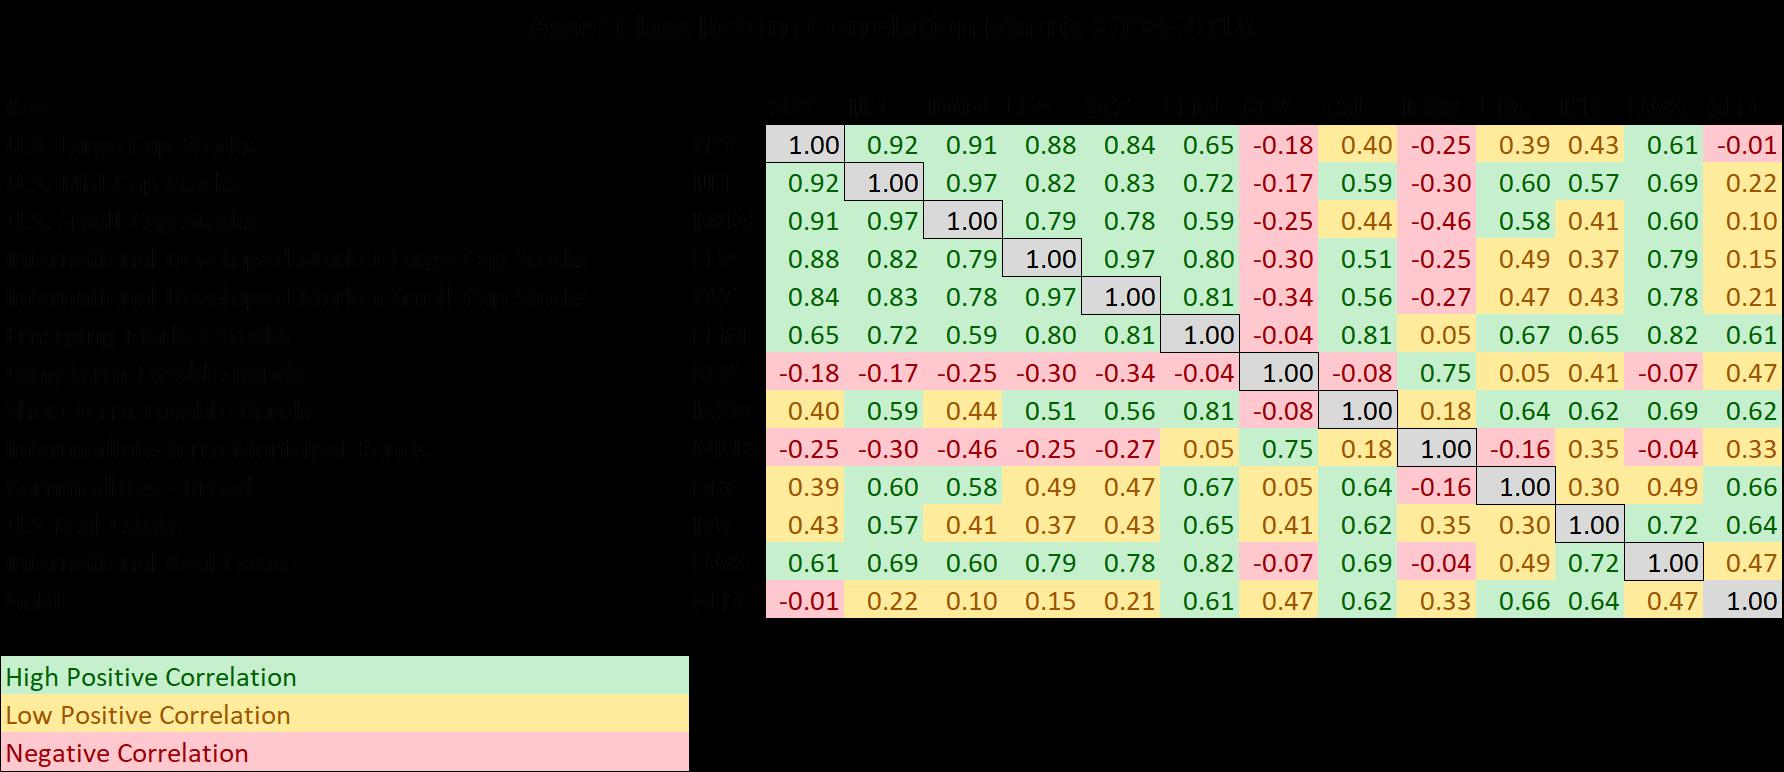 wspolczynnik-korelacji-Correlation-Matrix